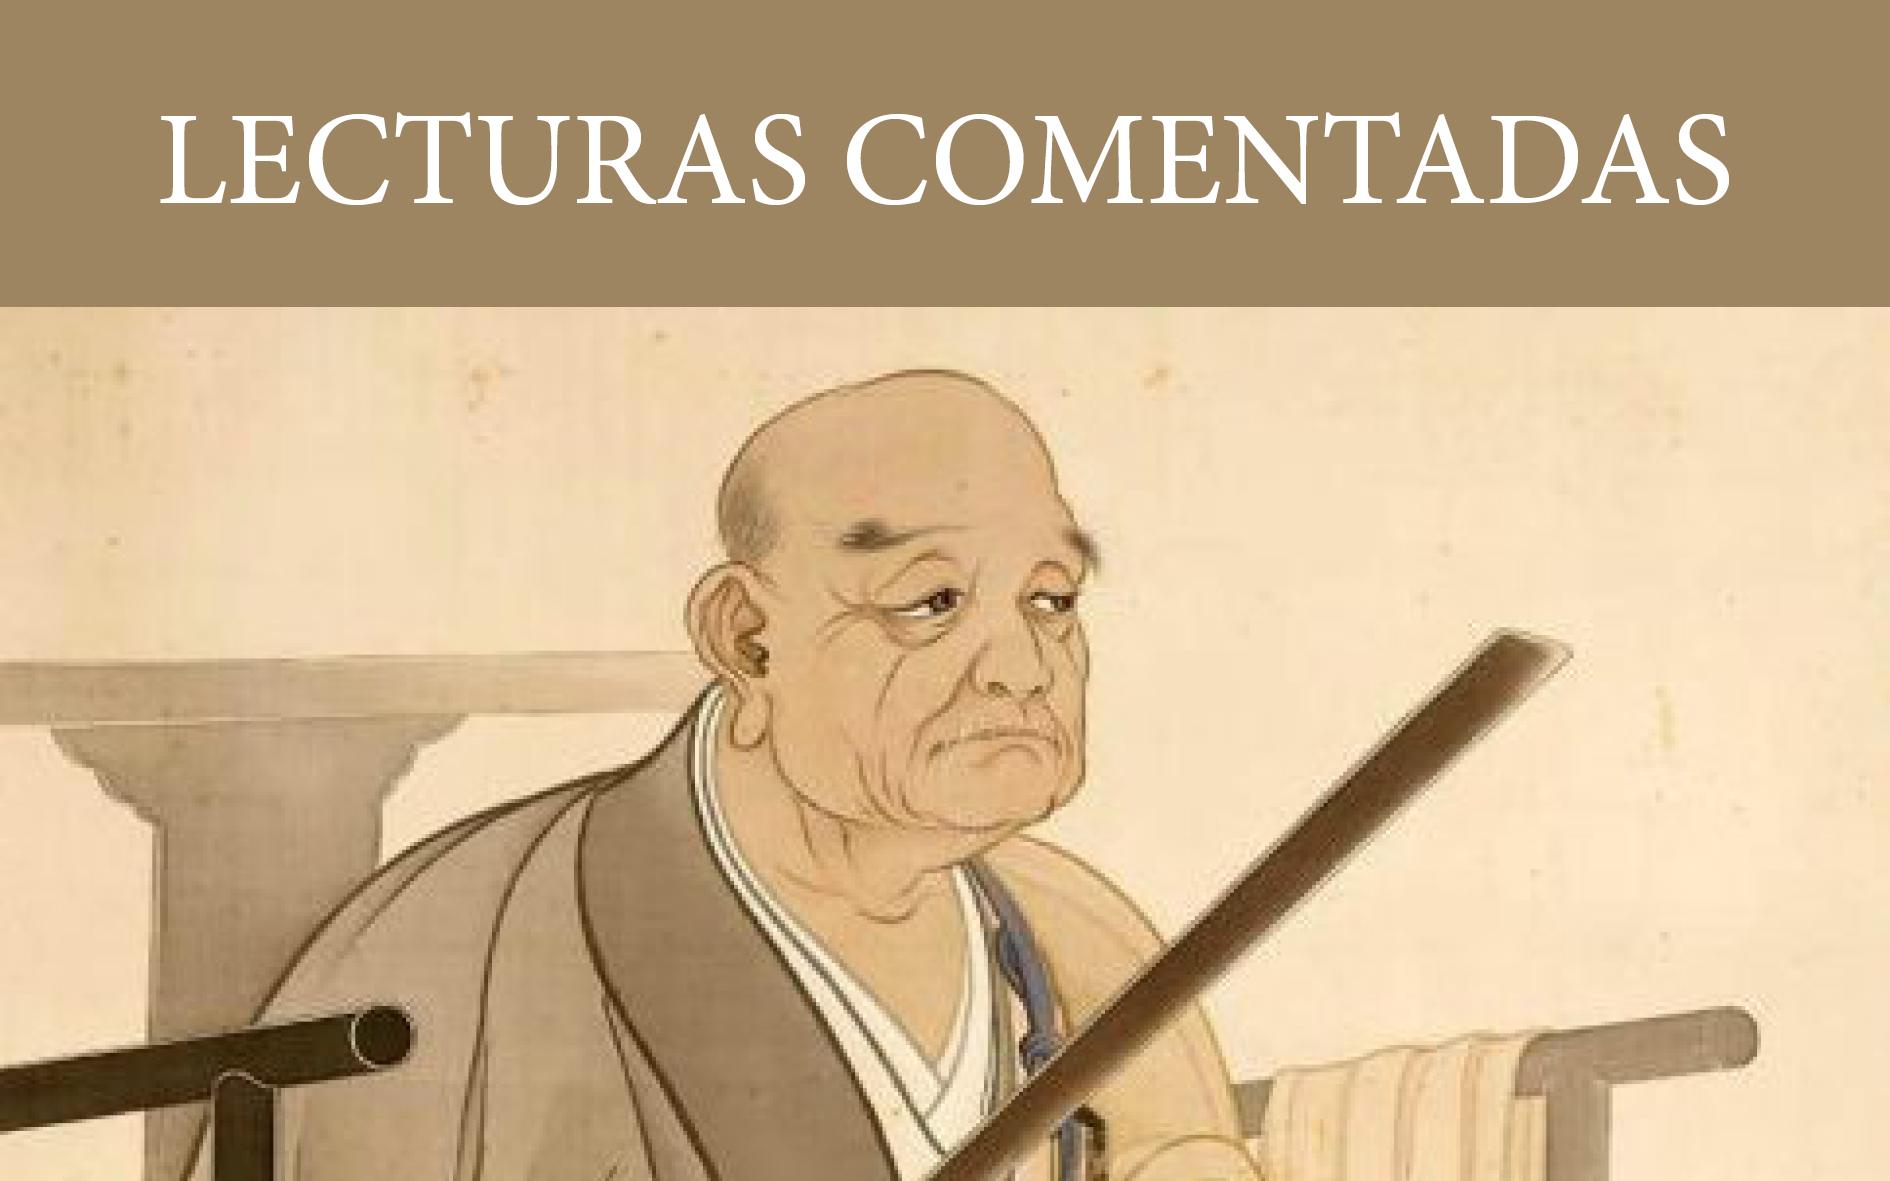 2. LECTURA COMENTADA: ENSEÑANZAS DE MAZU